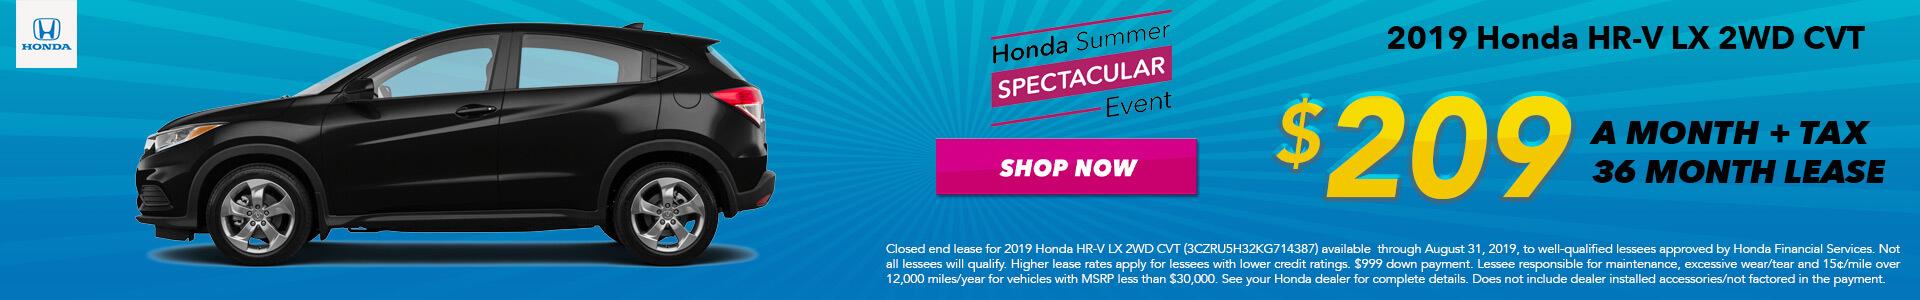 2019 Honda HR-V LX Lease for $209